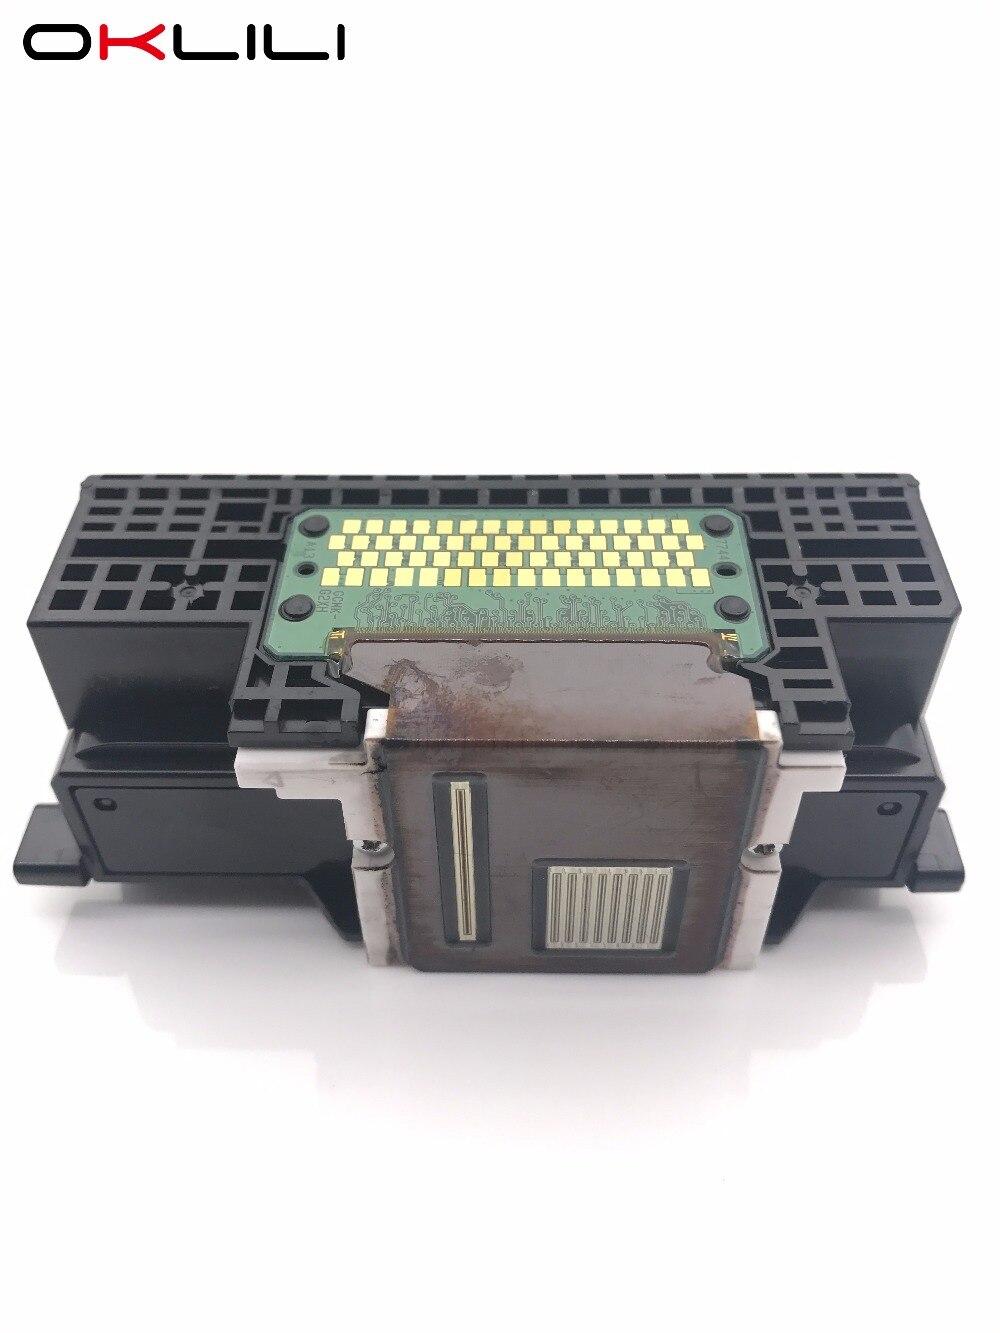 QY6-0078 QY6-0078-000 Imprimante à Tête D'impression Tête D'impression pour Canon MP990 MP996 MG6120 MG6140 MG6180 MG6280 MG8120 MG8180 MG8280 MG6130